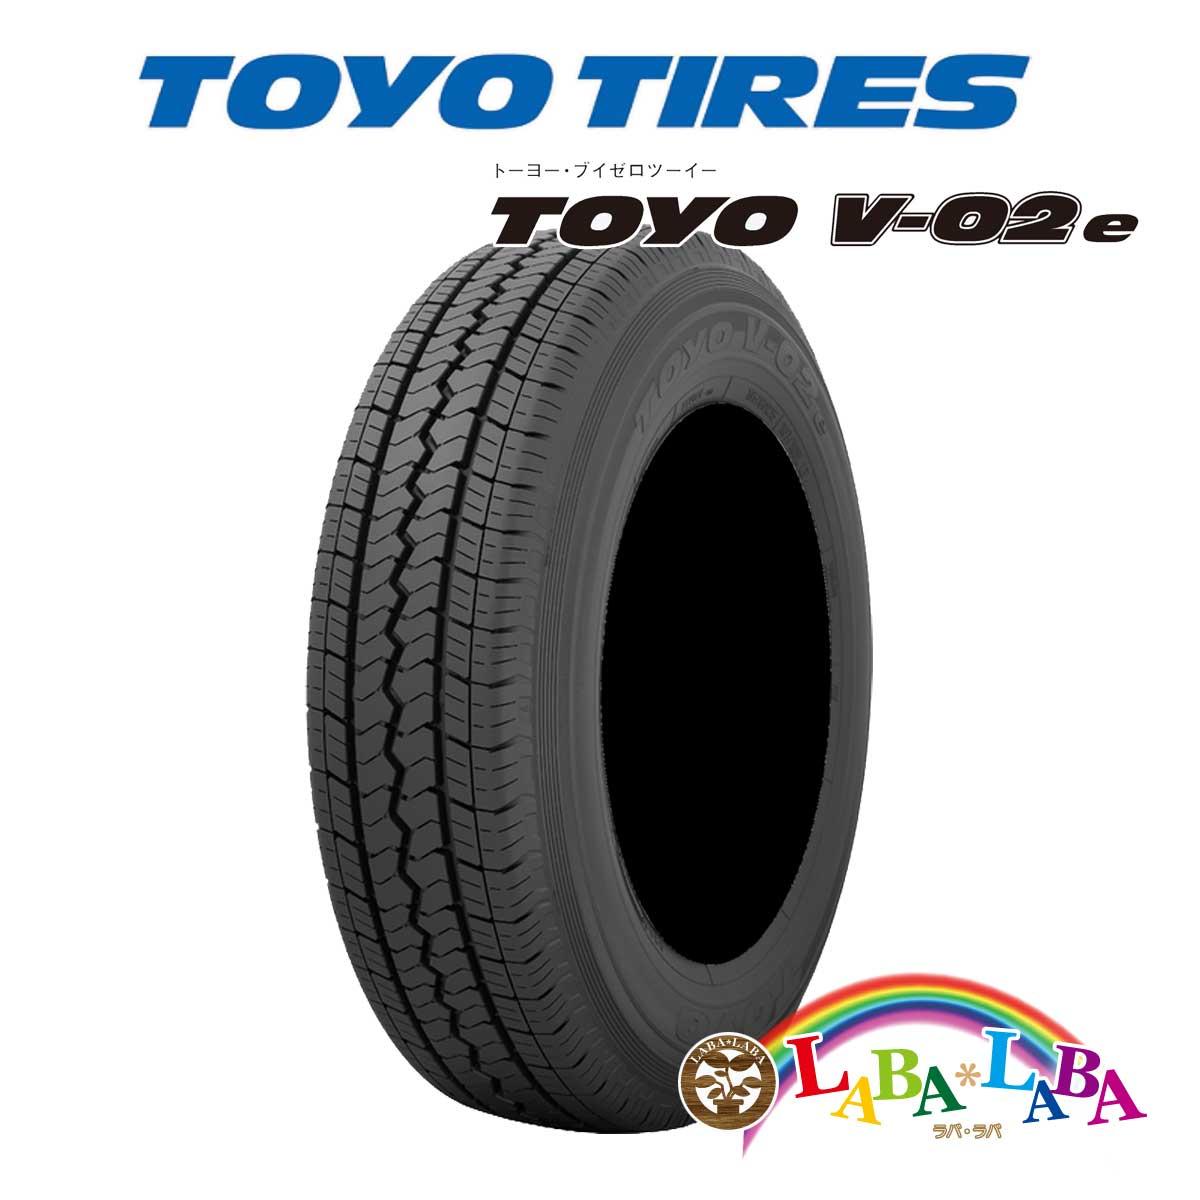 送料無料 国産タイヤ サマータイヤ 新品 タイヤのみ 1着でも送料無料 2本SET TOYO トーヨー 165 93N 2本セット 80R13 LT ランキング総合1位 バン V02e 94